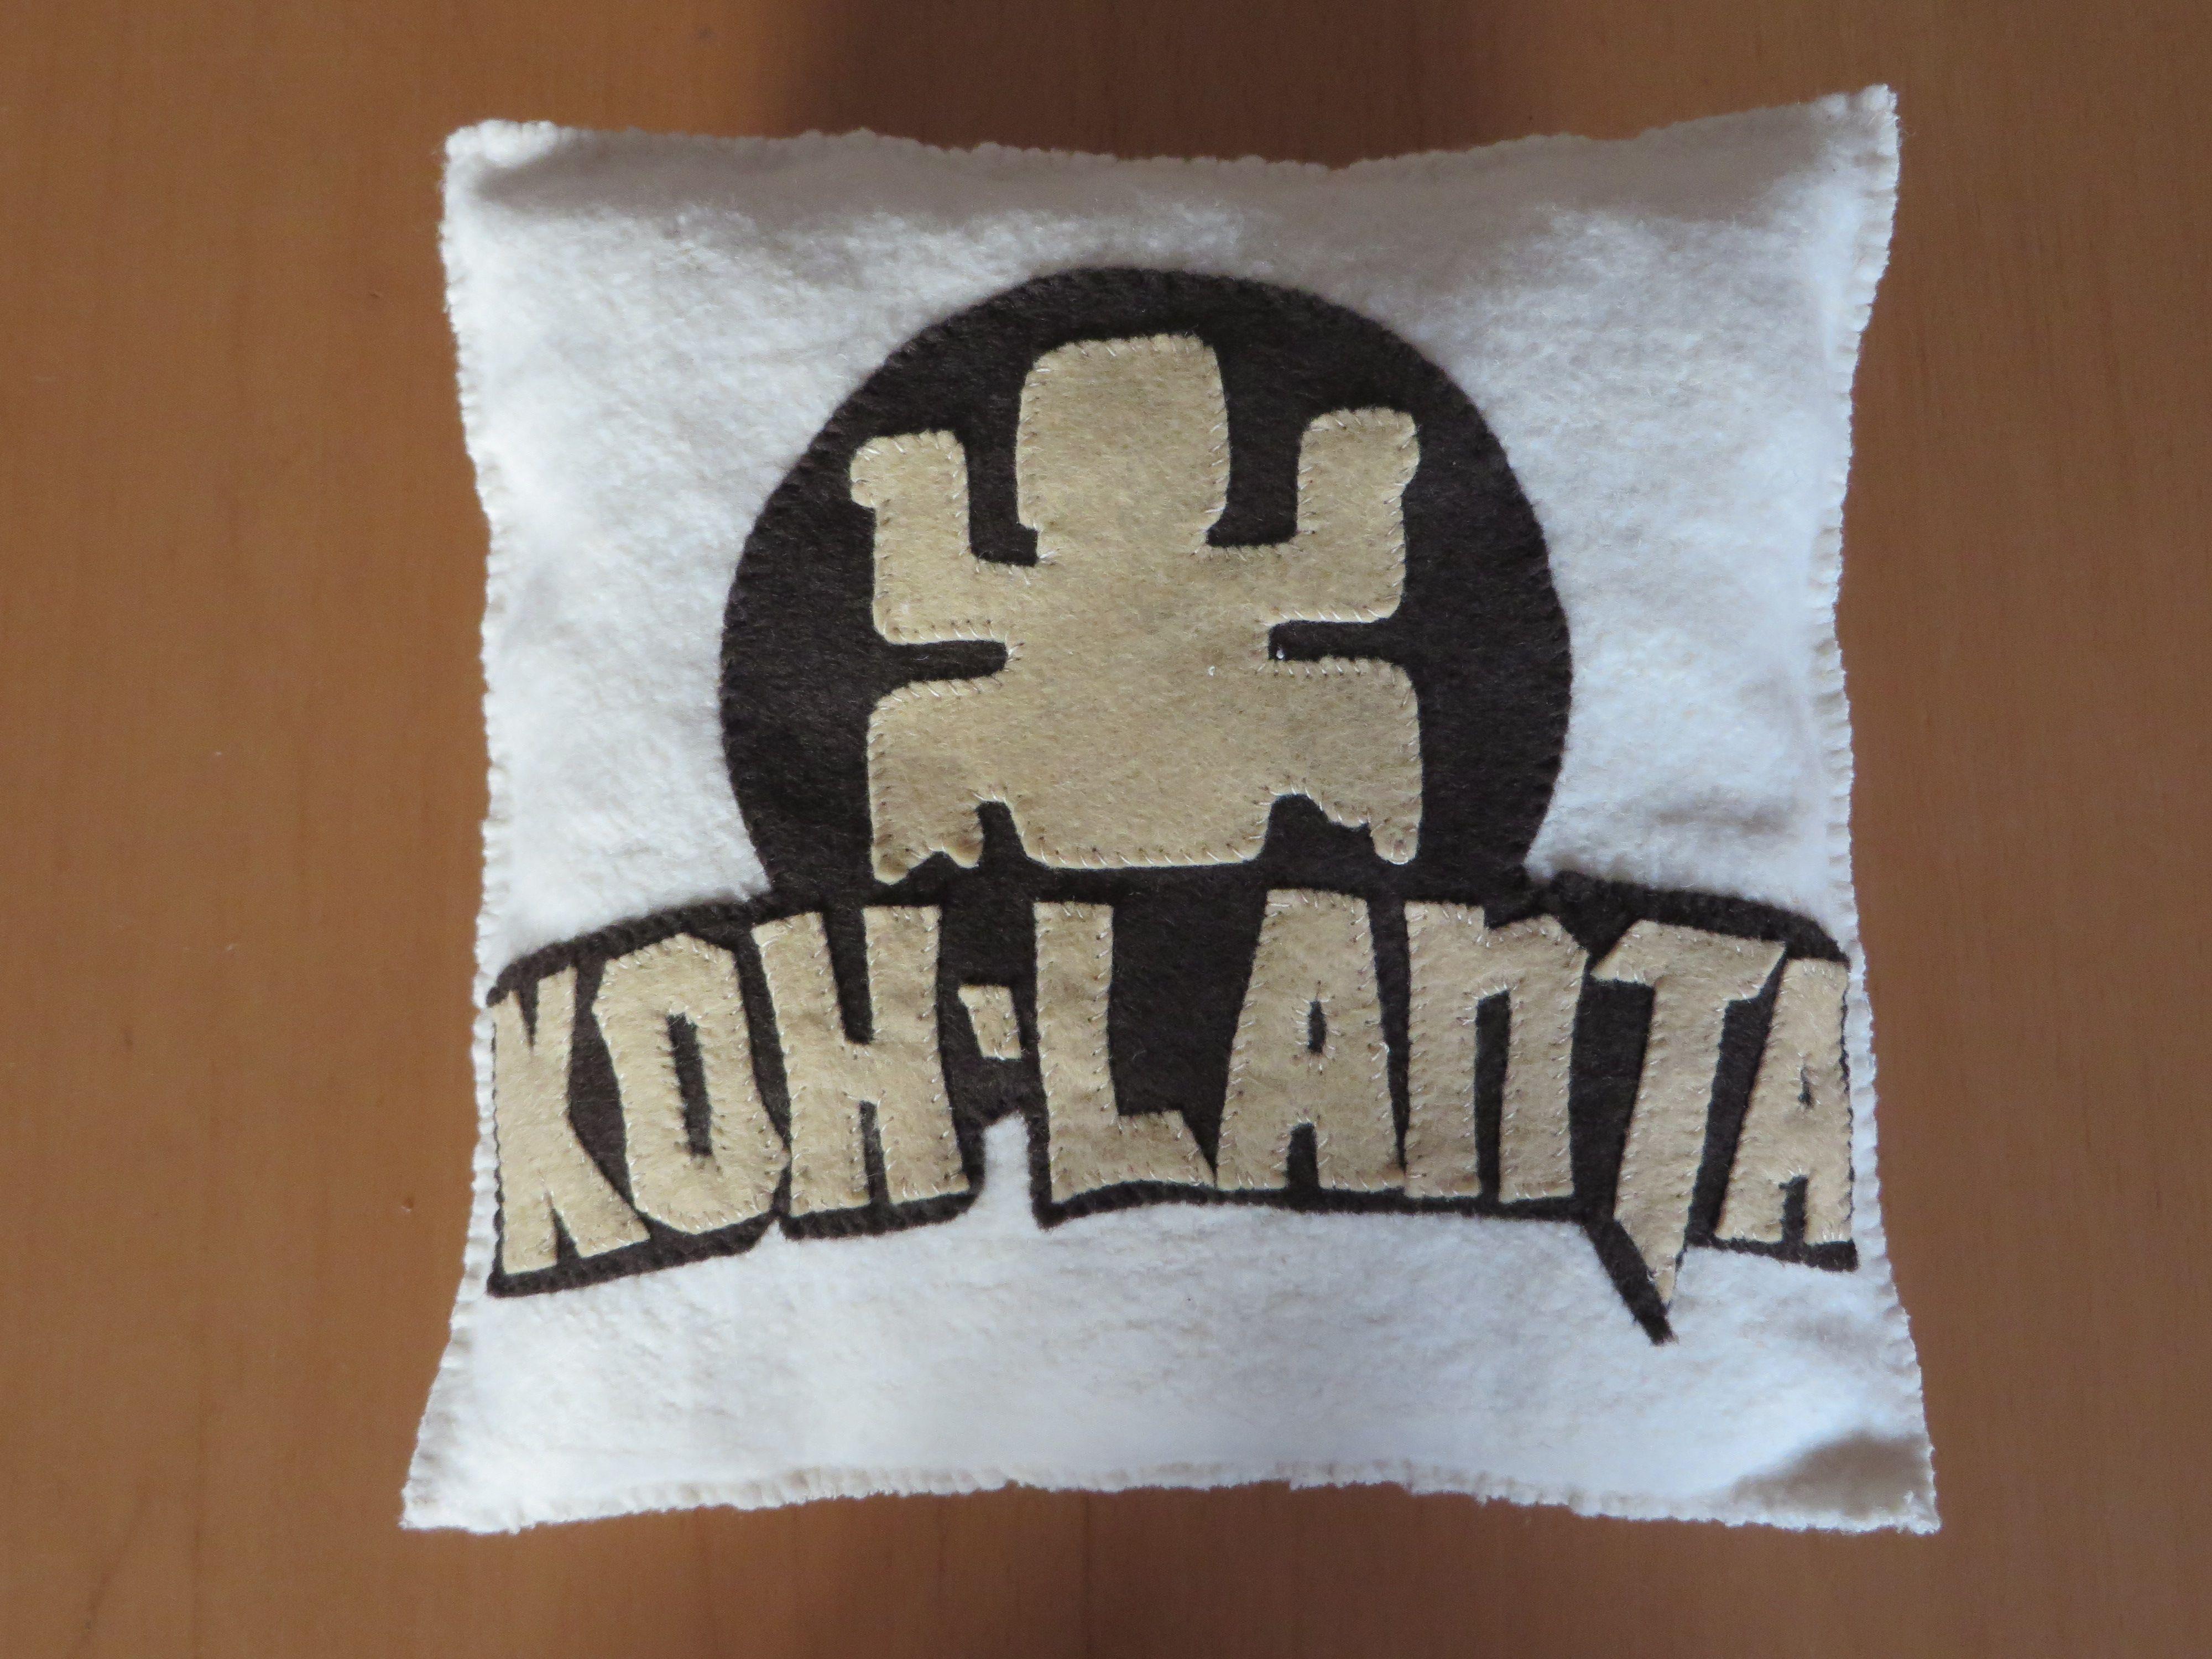 Coussin Koh Lanta, 20*20 cm, en molleton de chanvre et